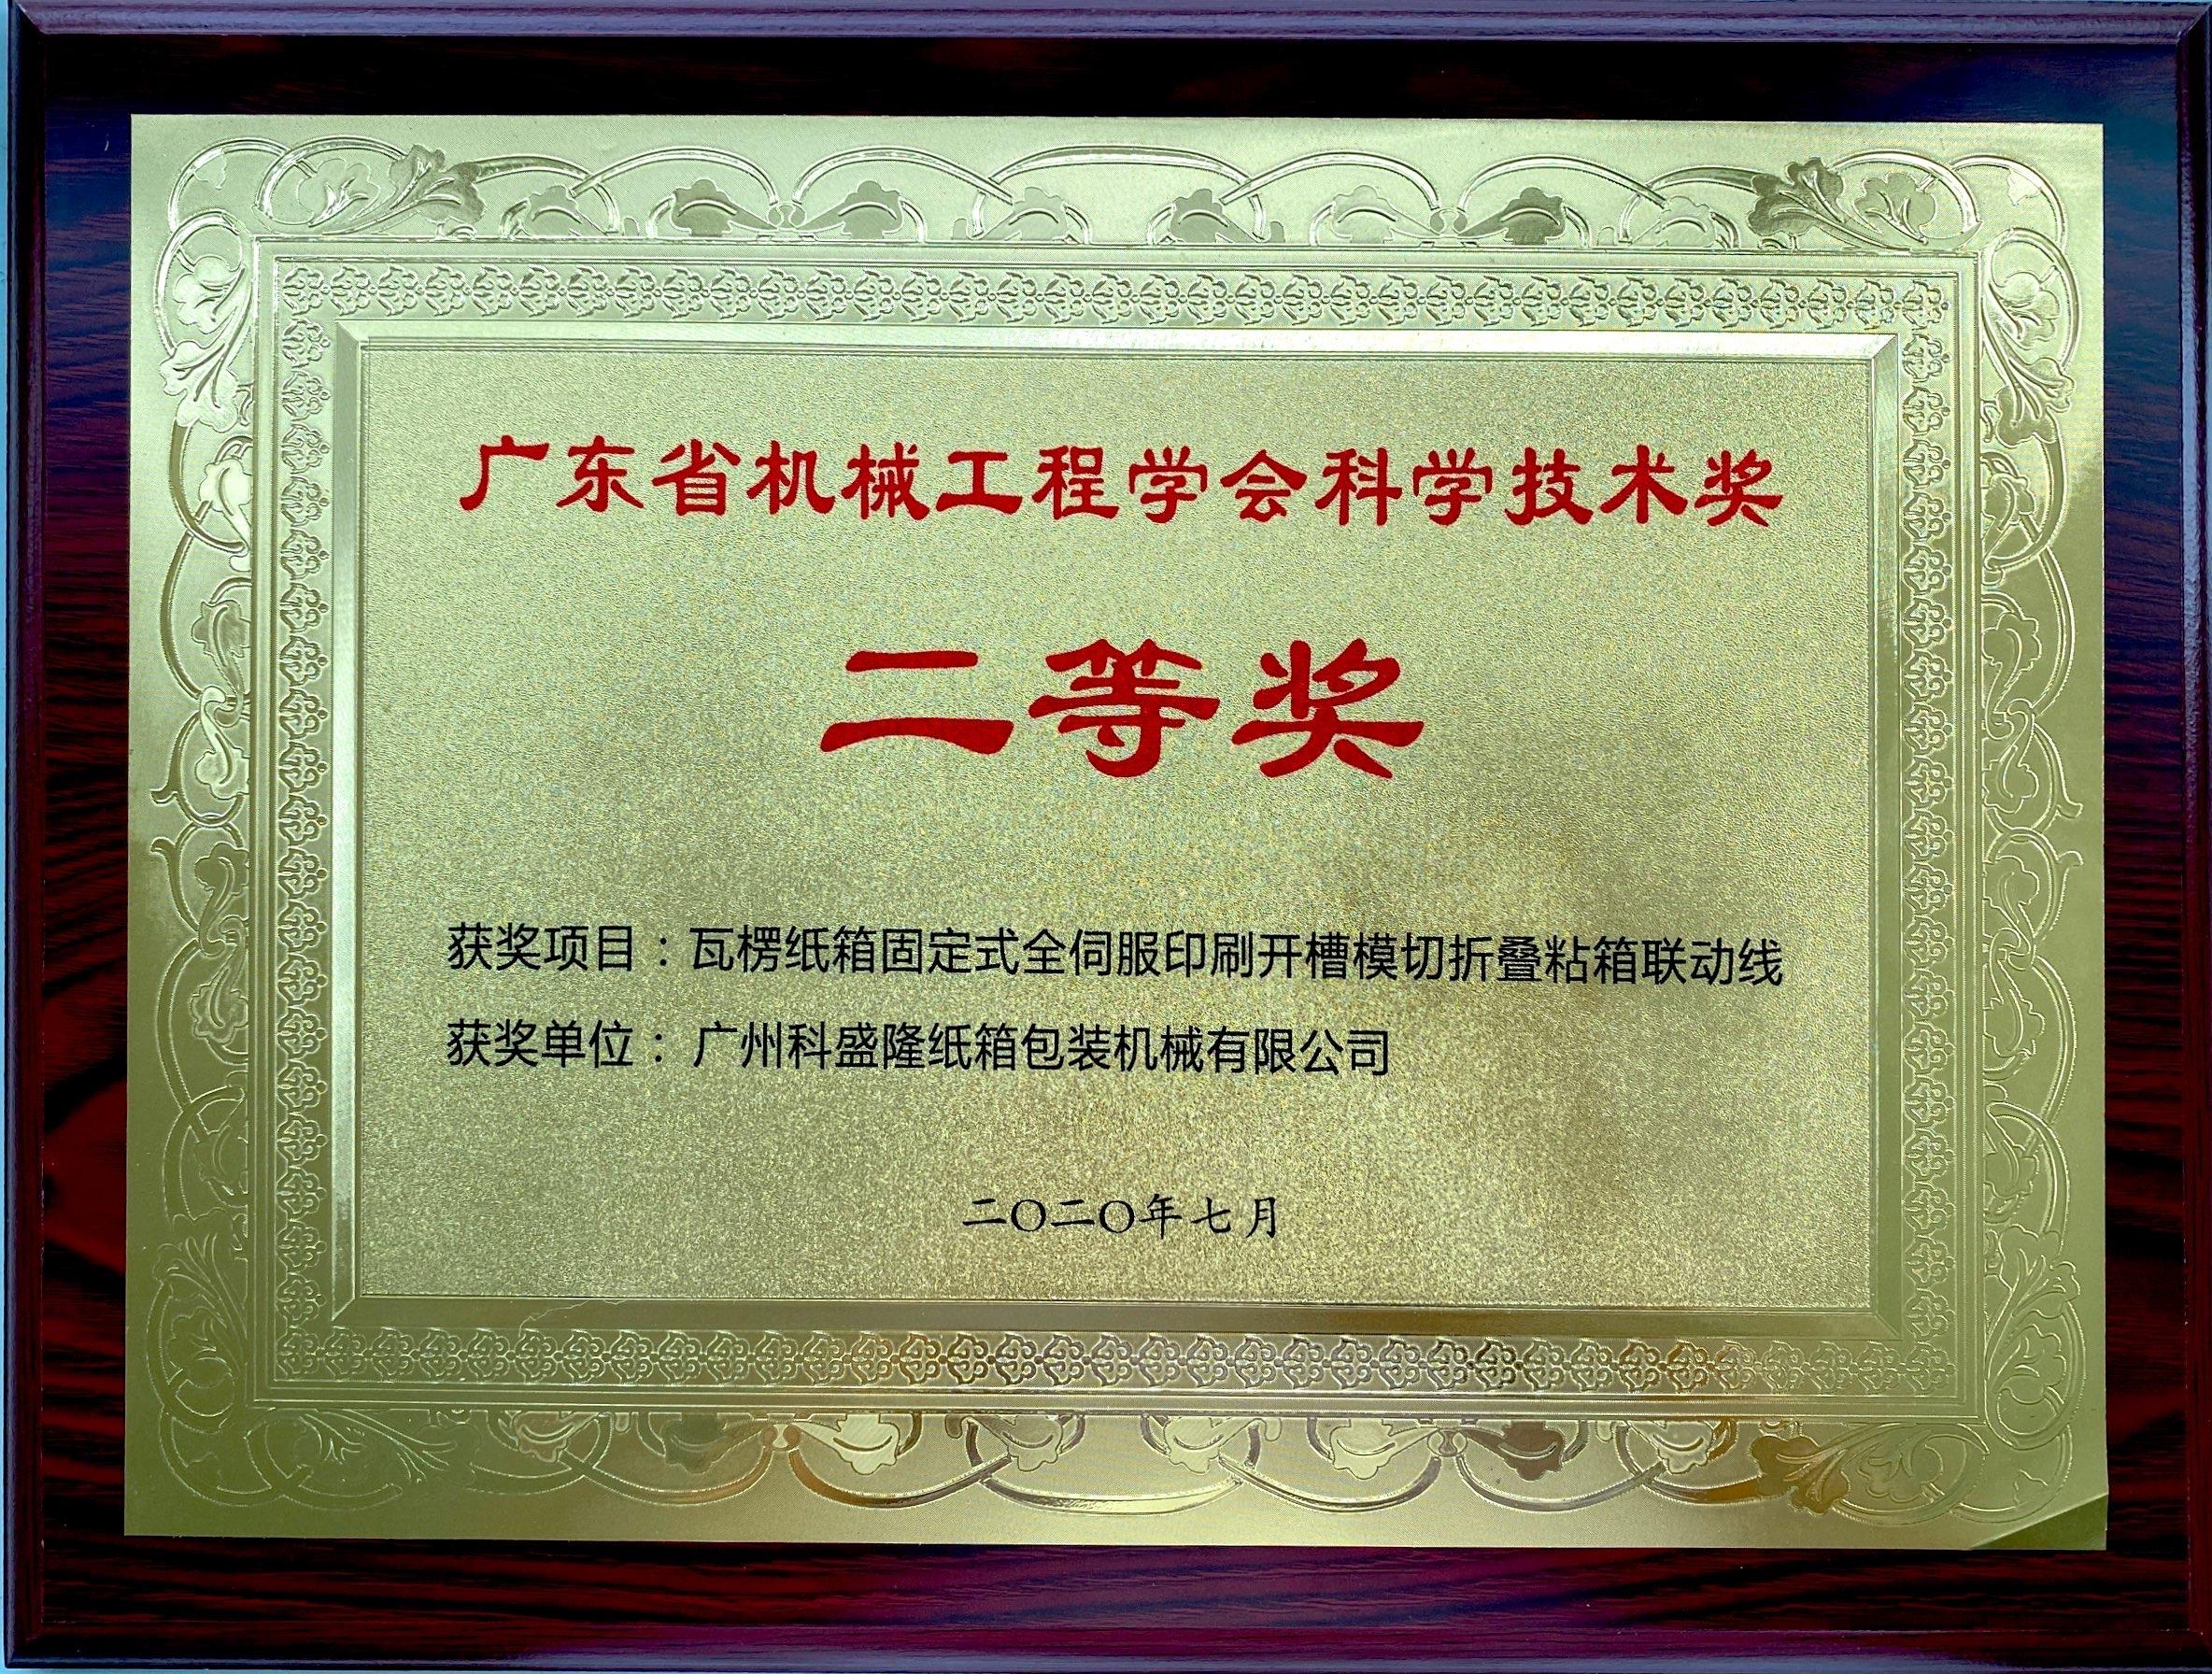 廣東省機械工業科學技術獎